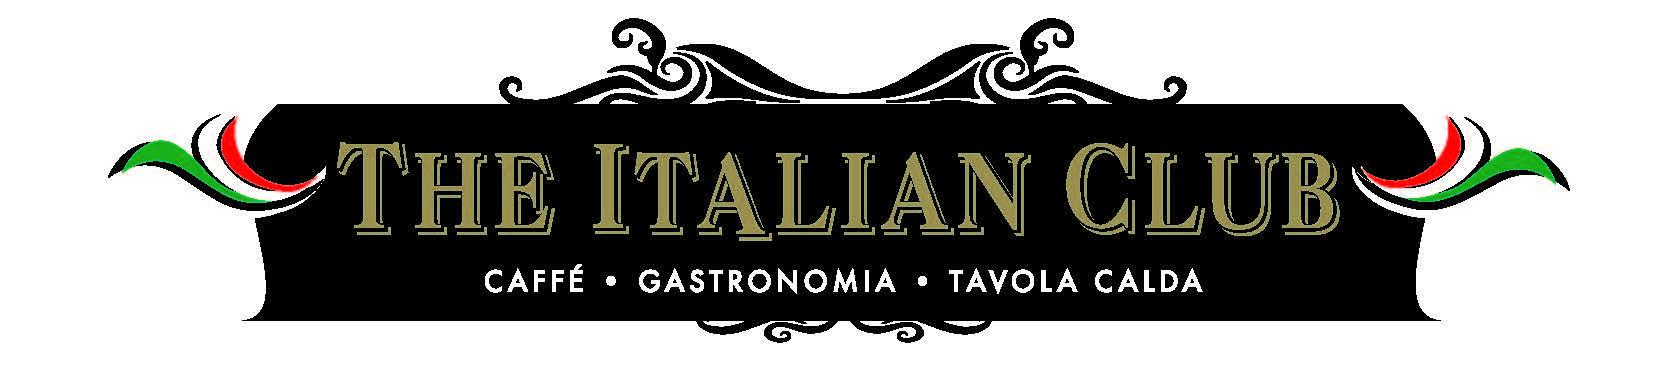 Italian Club logo